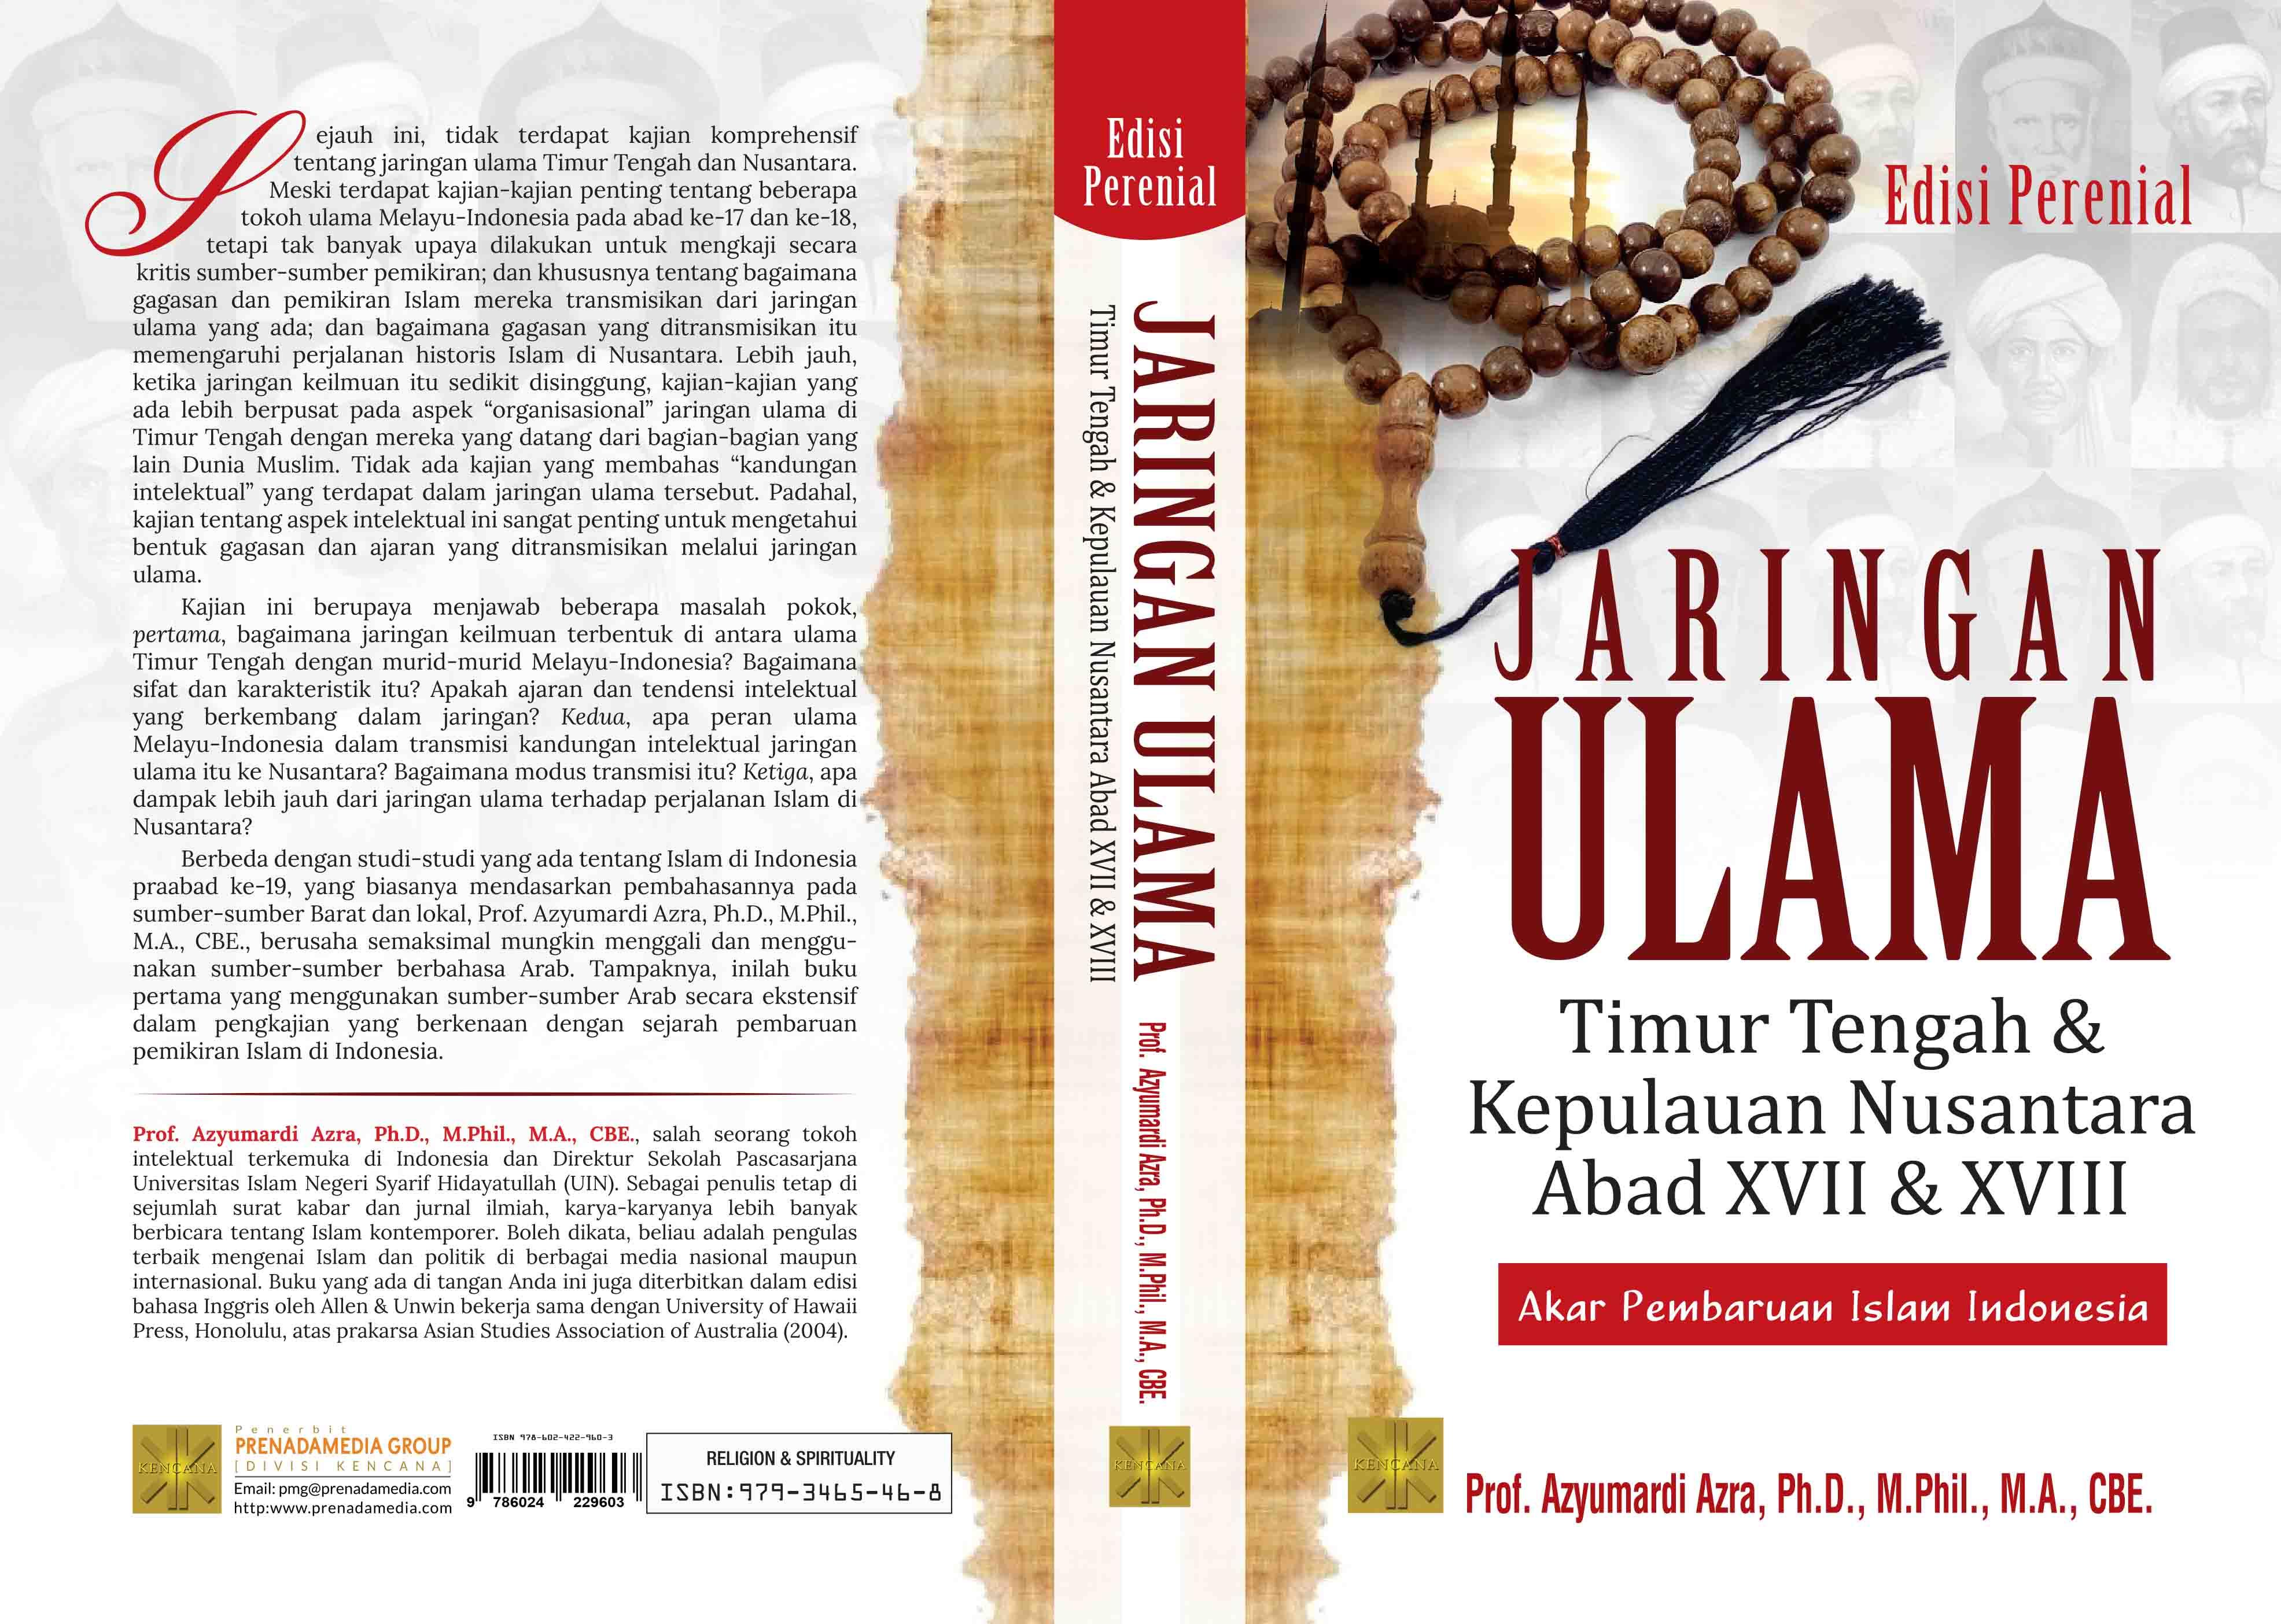 Jaringan ulama Timur Tengah dan kepulauan nusantara abad XVII & XVIII [sumber elektronis] : akar pembaruan Islam Indonesia